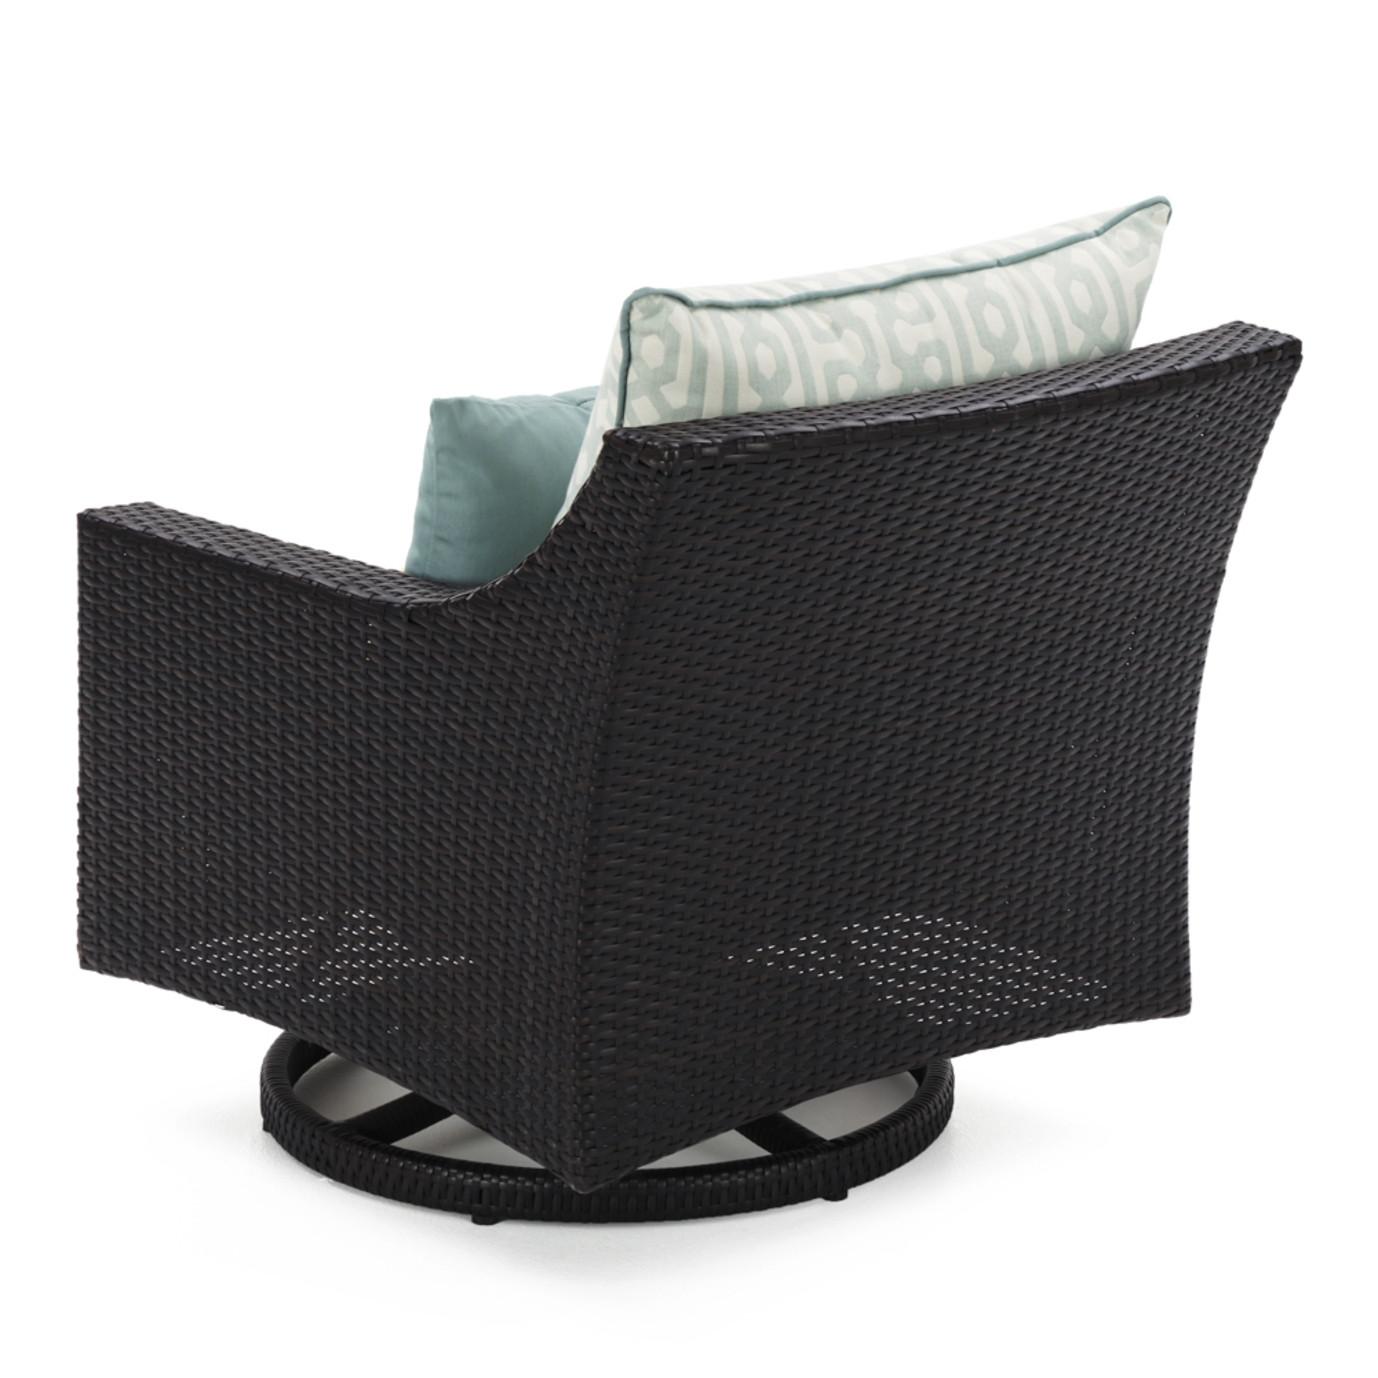 Deco™ 8pc Sofa & Club Chair Set - Spa Blue Design